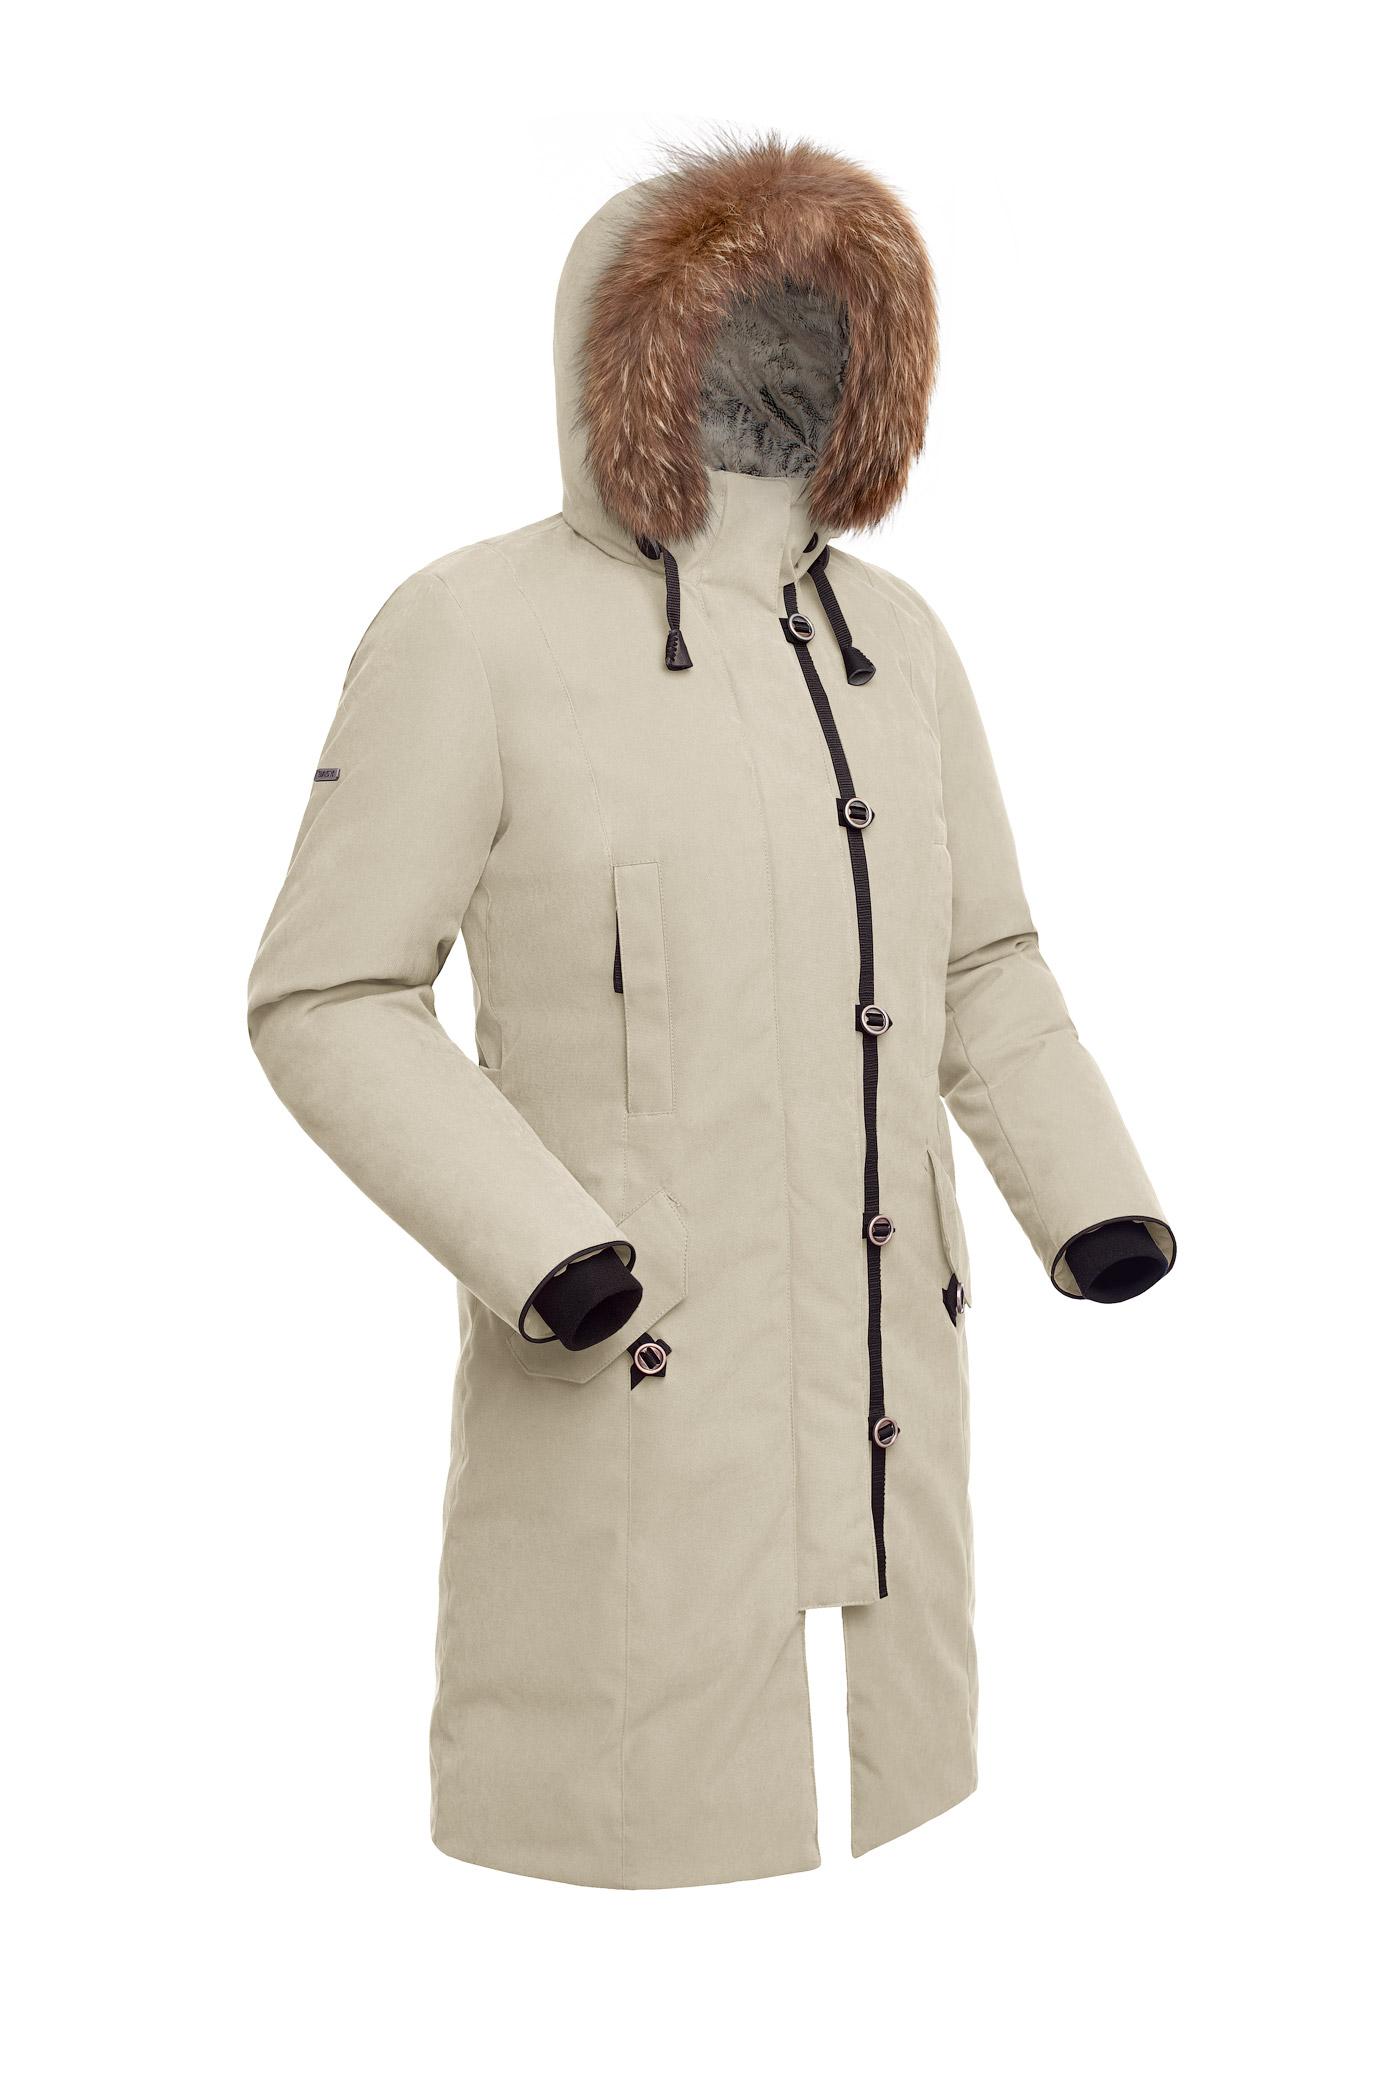 Пальто пуховое женское BASK HATANGA V2 бежевое, Пальто - арт. 971240409